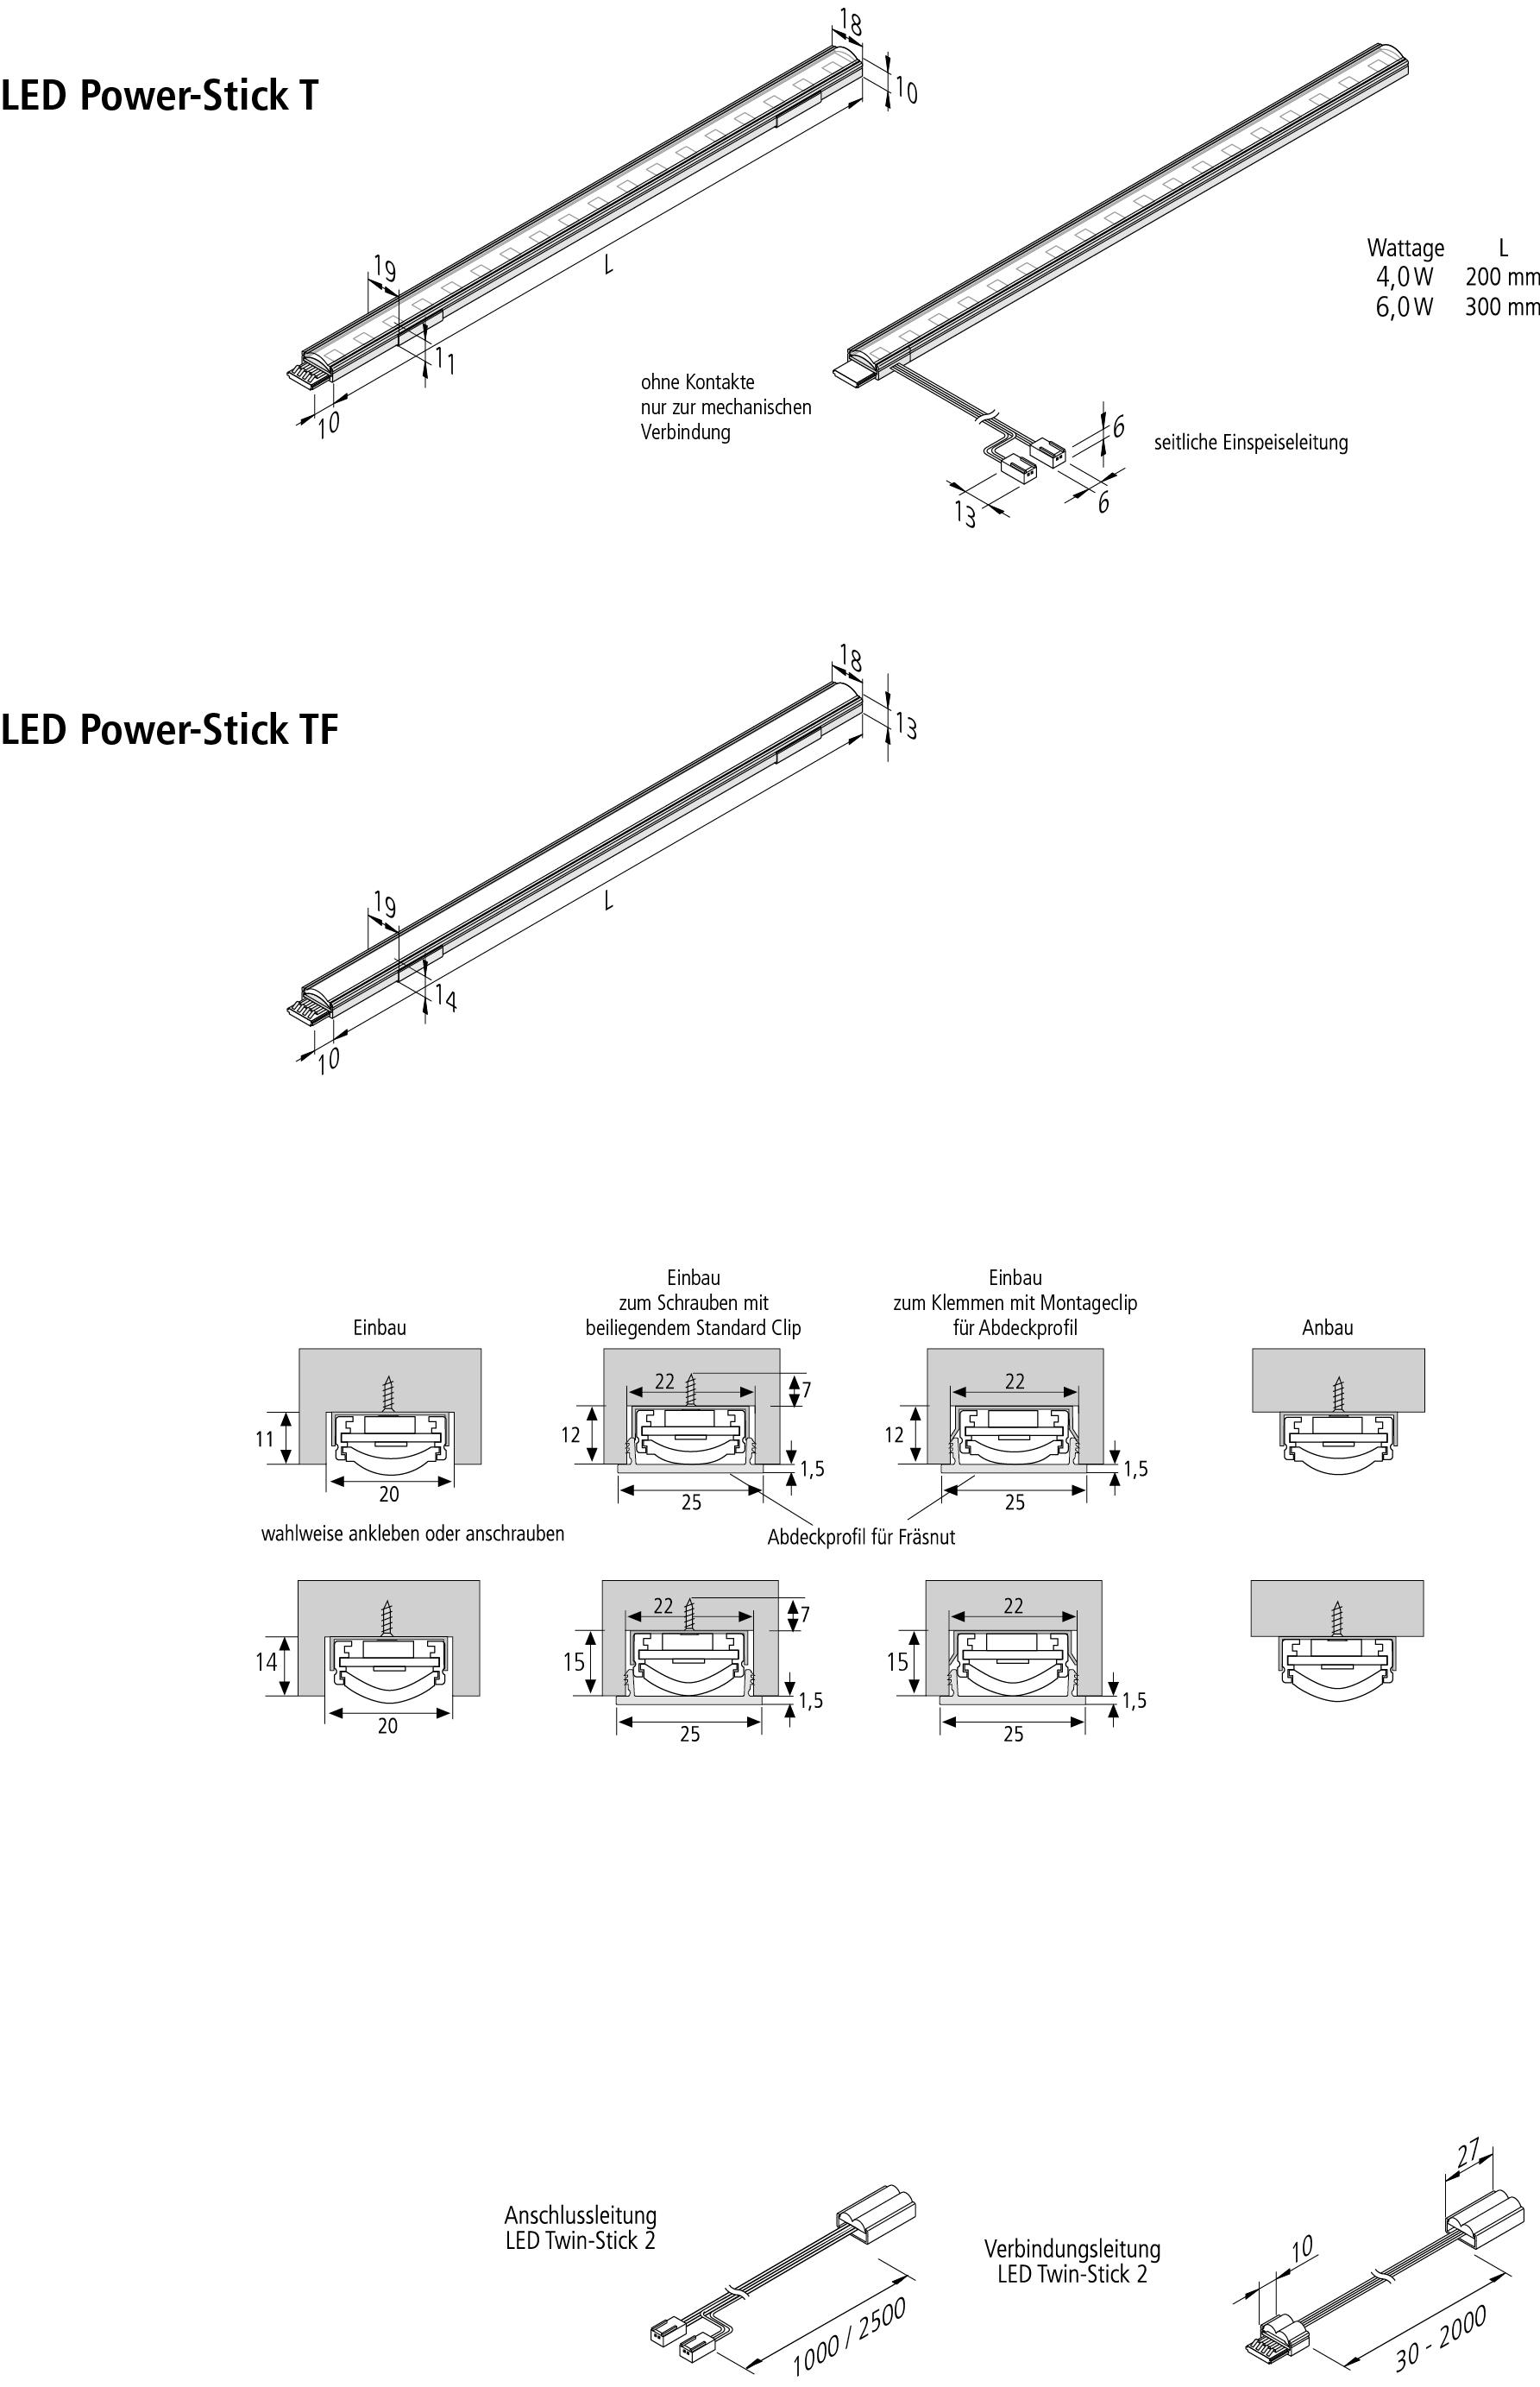 Vorschau: LED-Power-Stick-T-_-TF_vec_3D_de